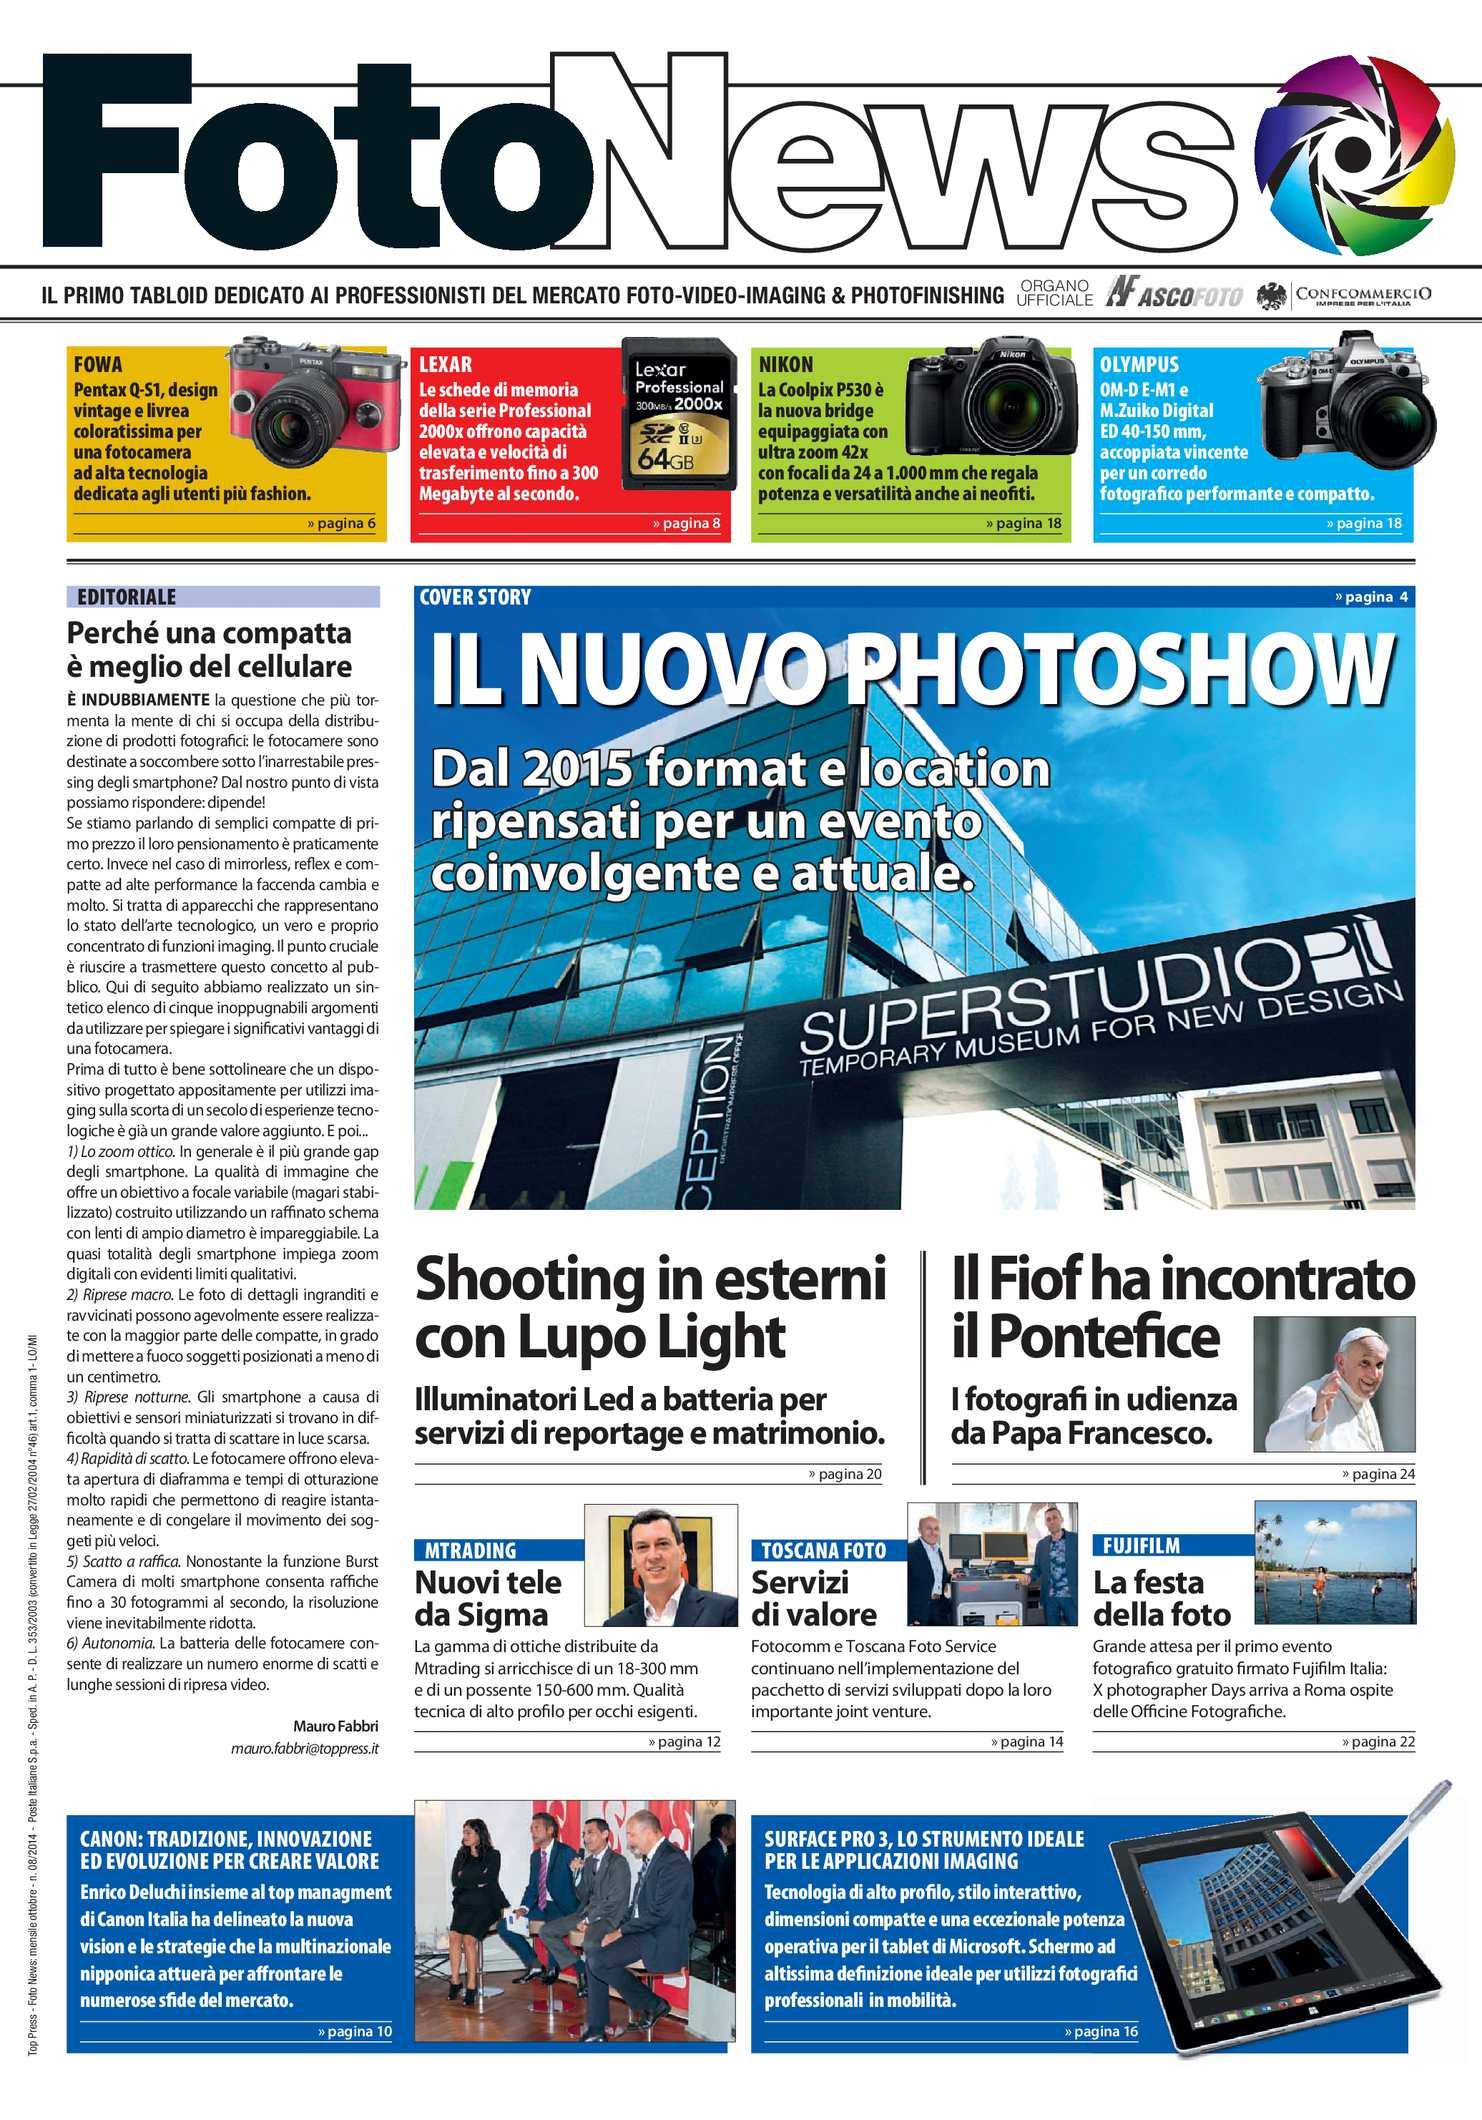 FotoNews 08/2014